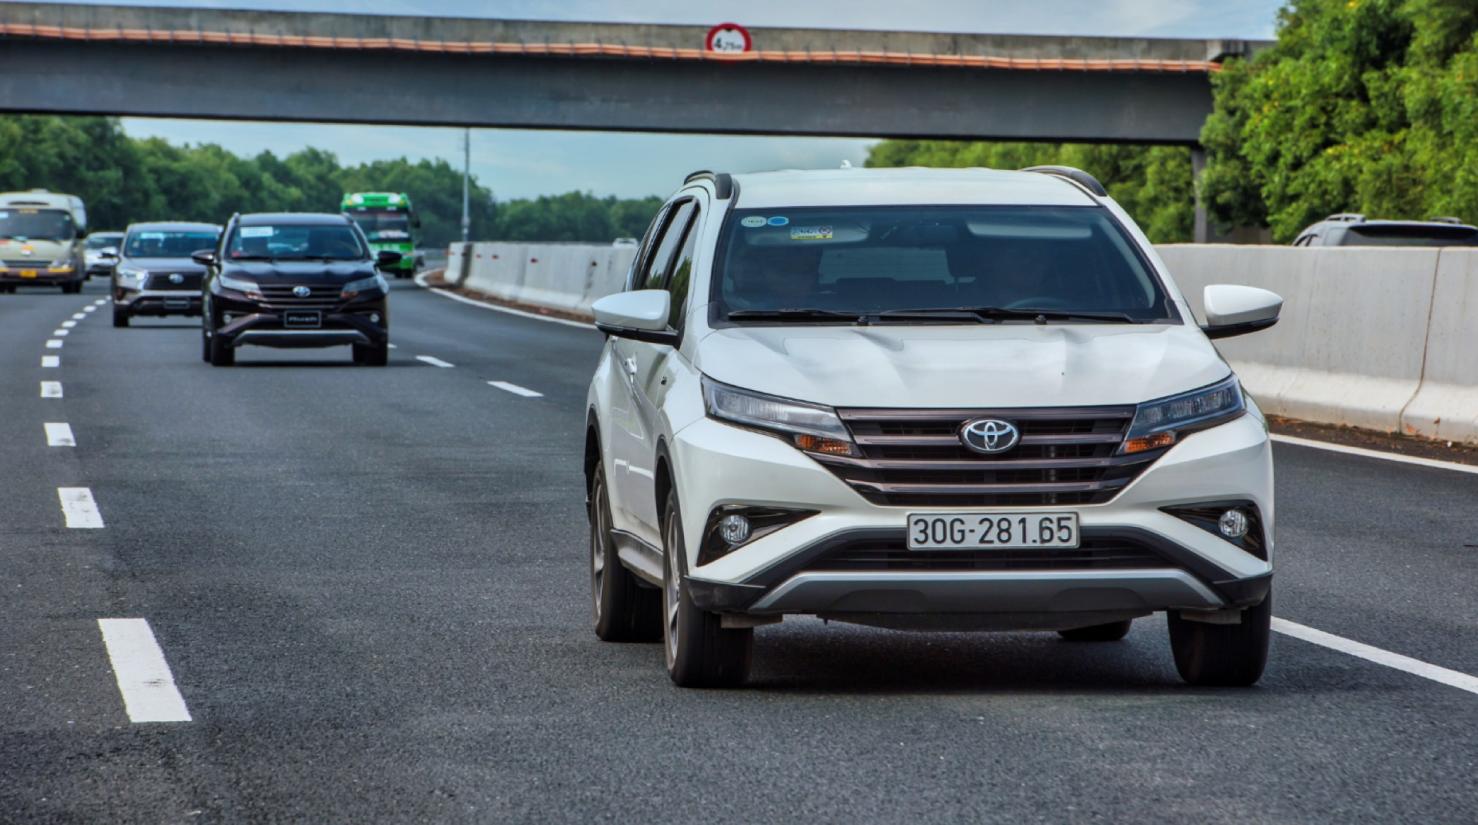 Toyota Rush tung gói ưu đãi cực lớn dịp cuối năm, cơ hội Vàng cho các fan Toyota 3